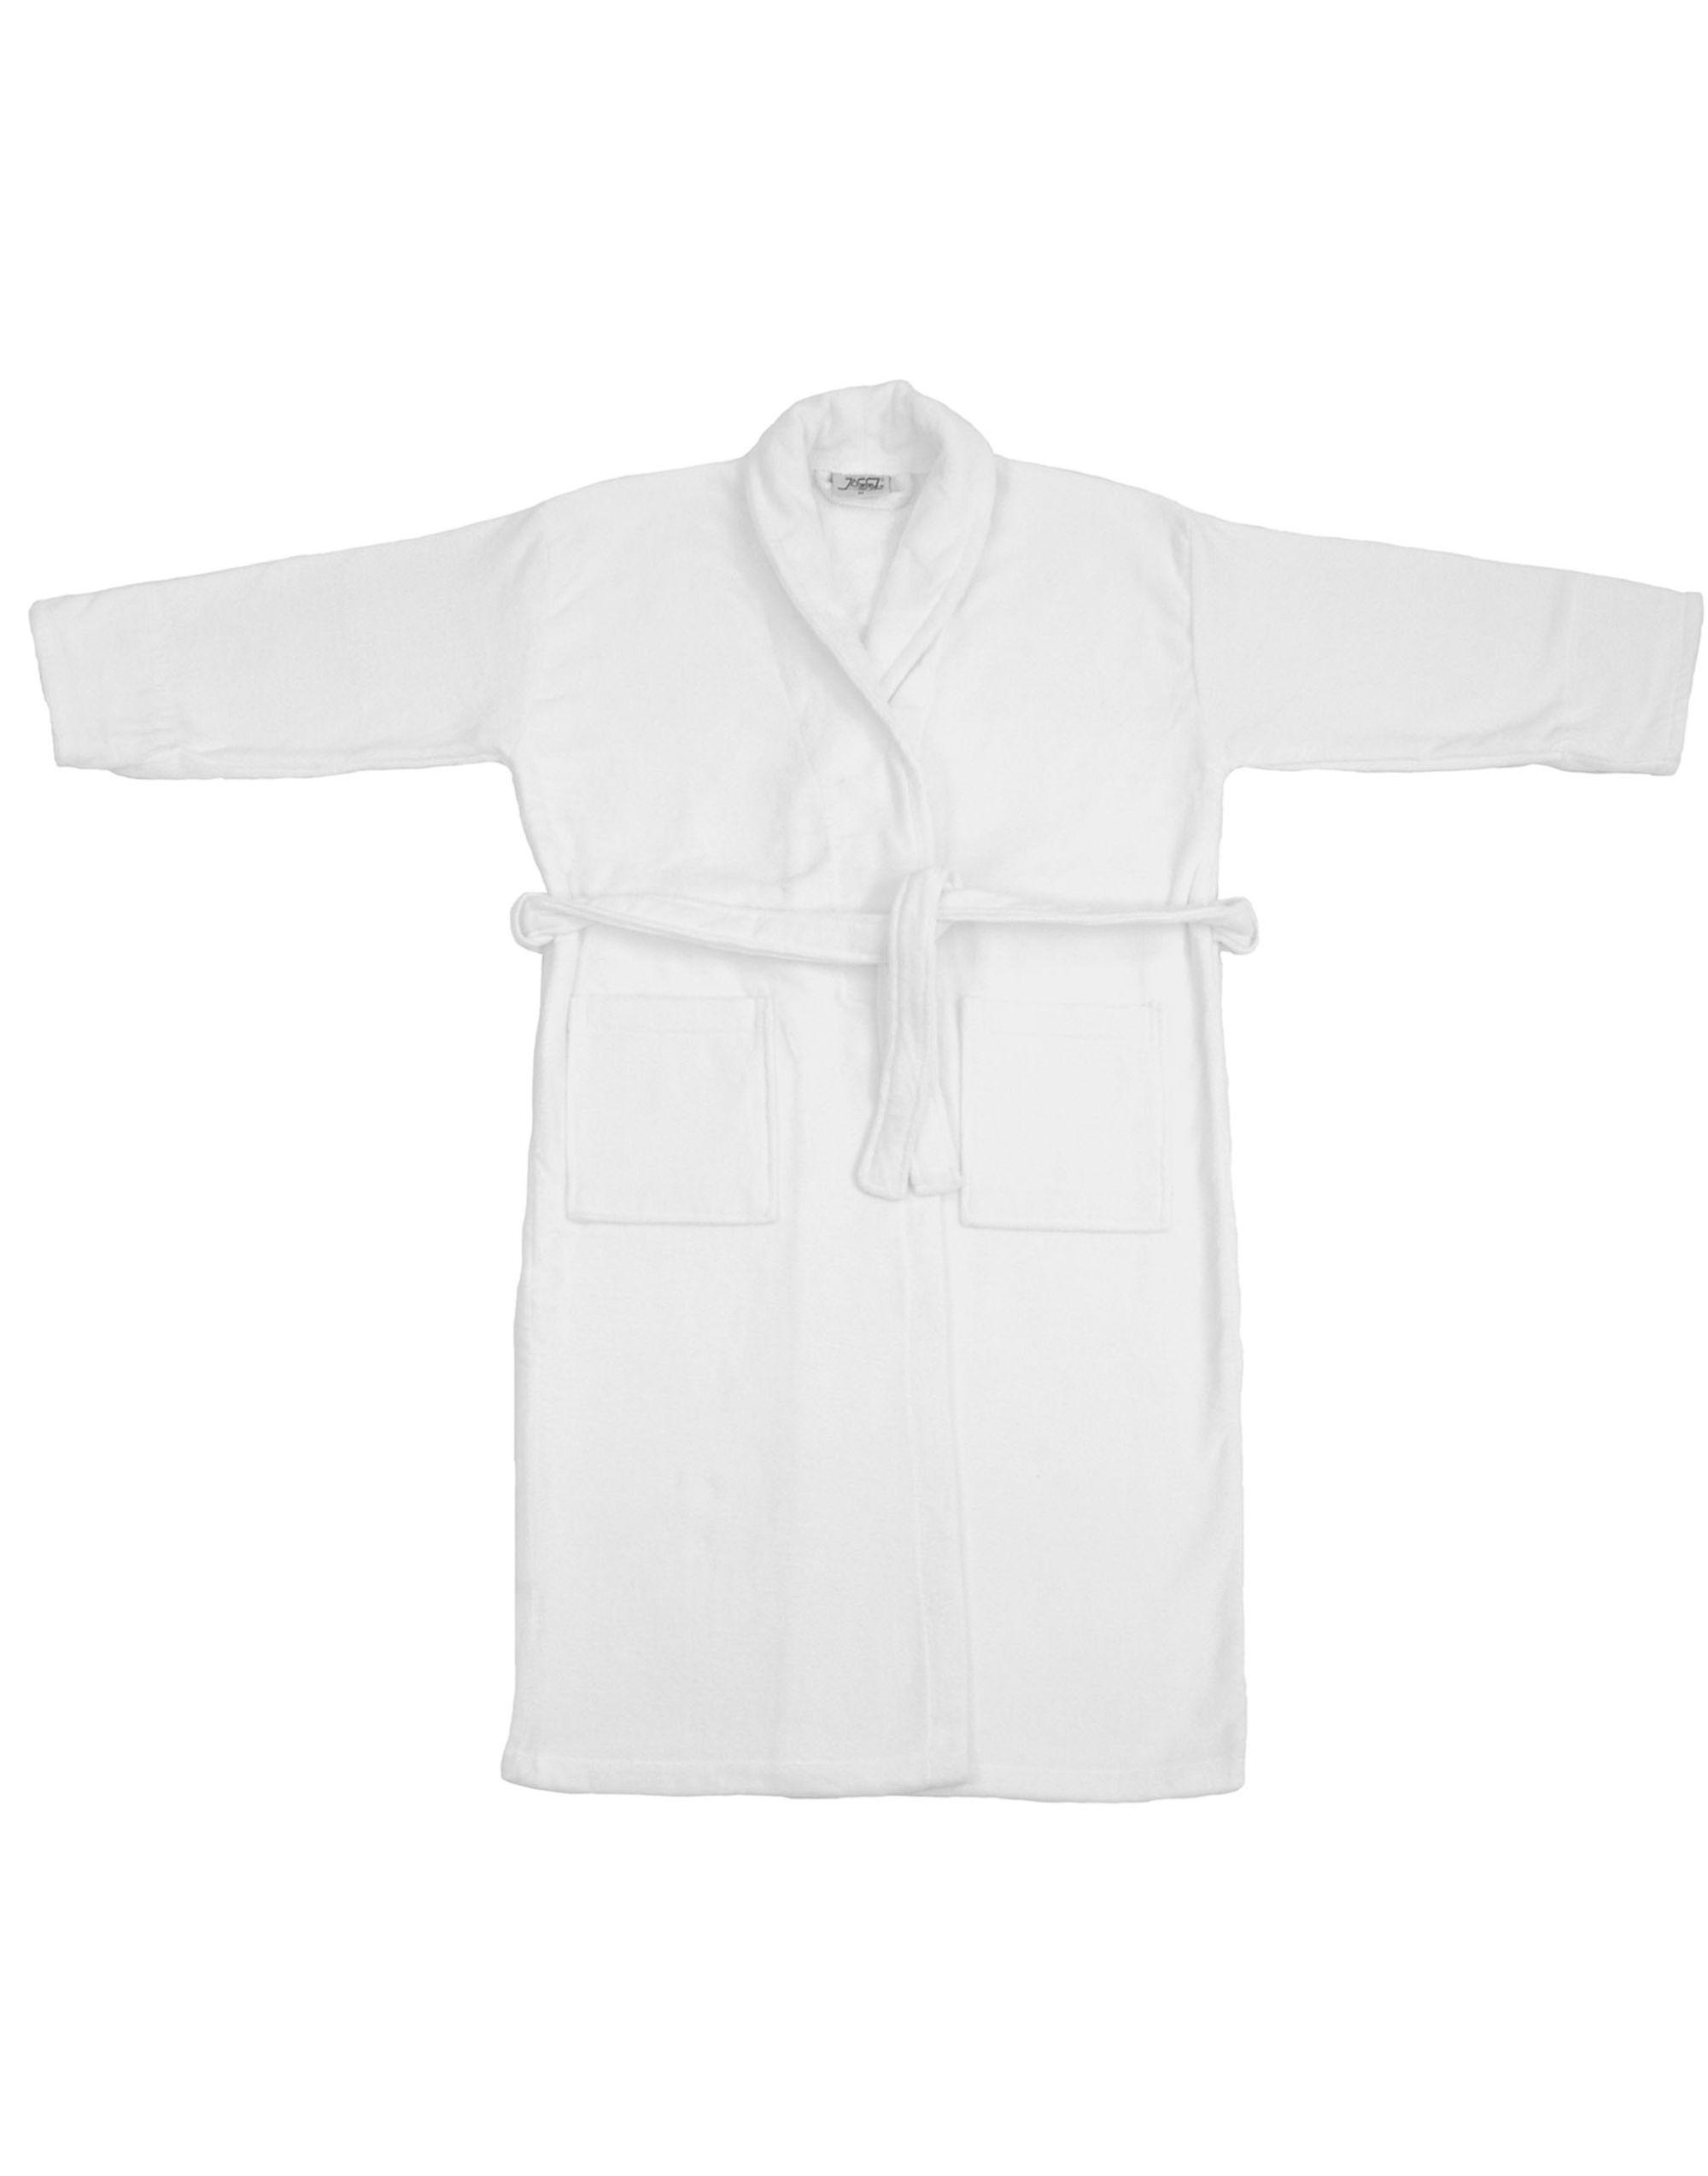 CWS Workwear - Shop ee1ba5c97